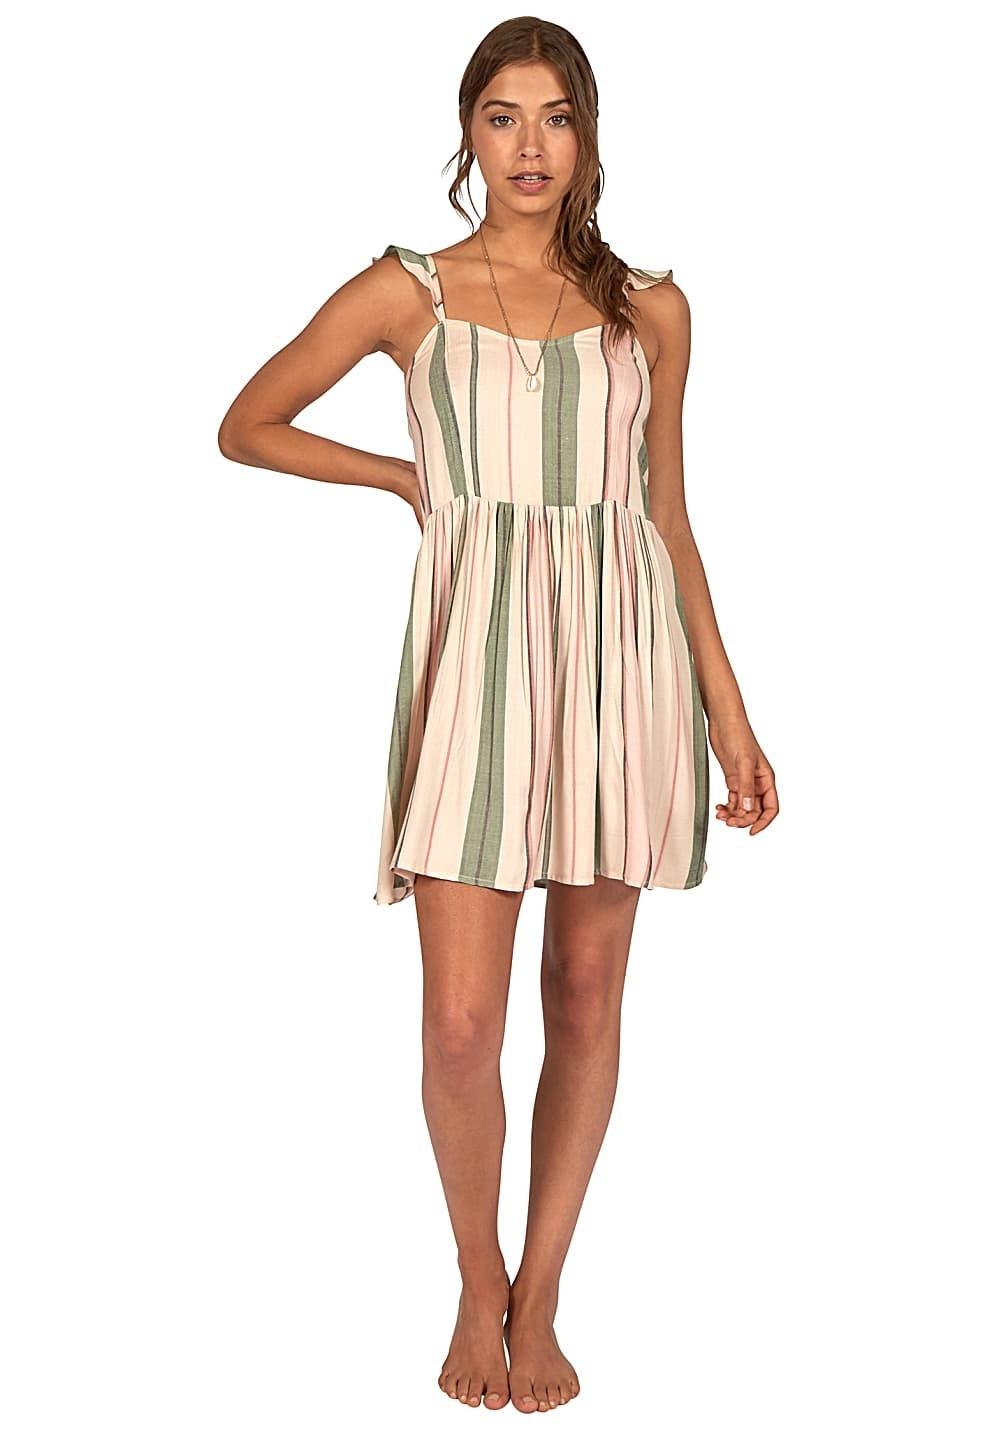 Designer Fantastisch Sommerkleider Damen Günstig BoutiqueFormal Genial Sommerkleider Damen Günstig Boutique